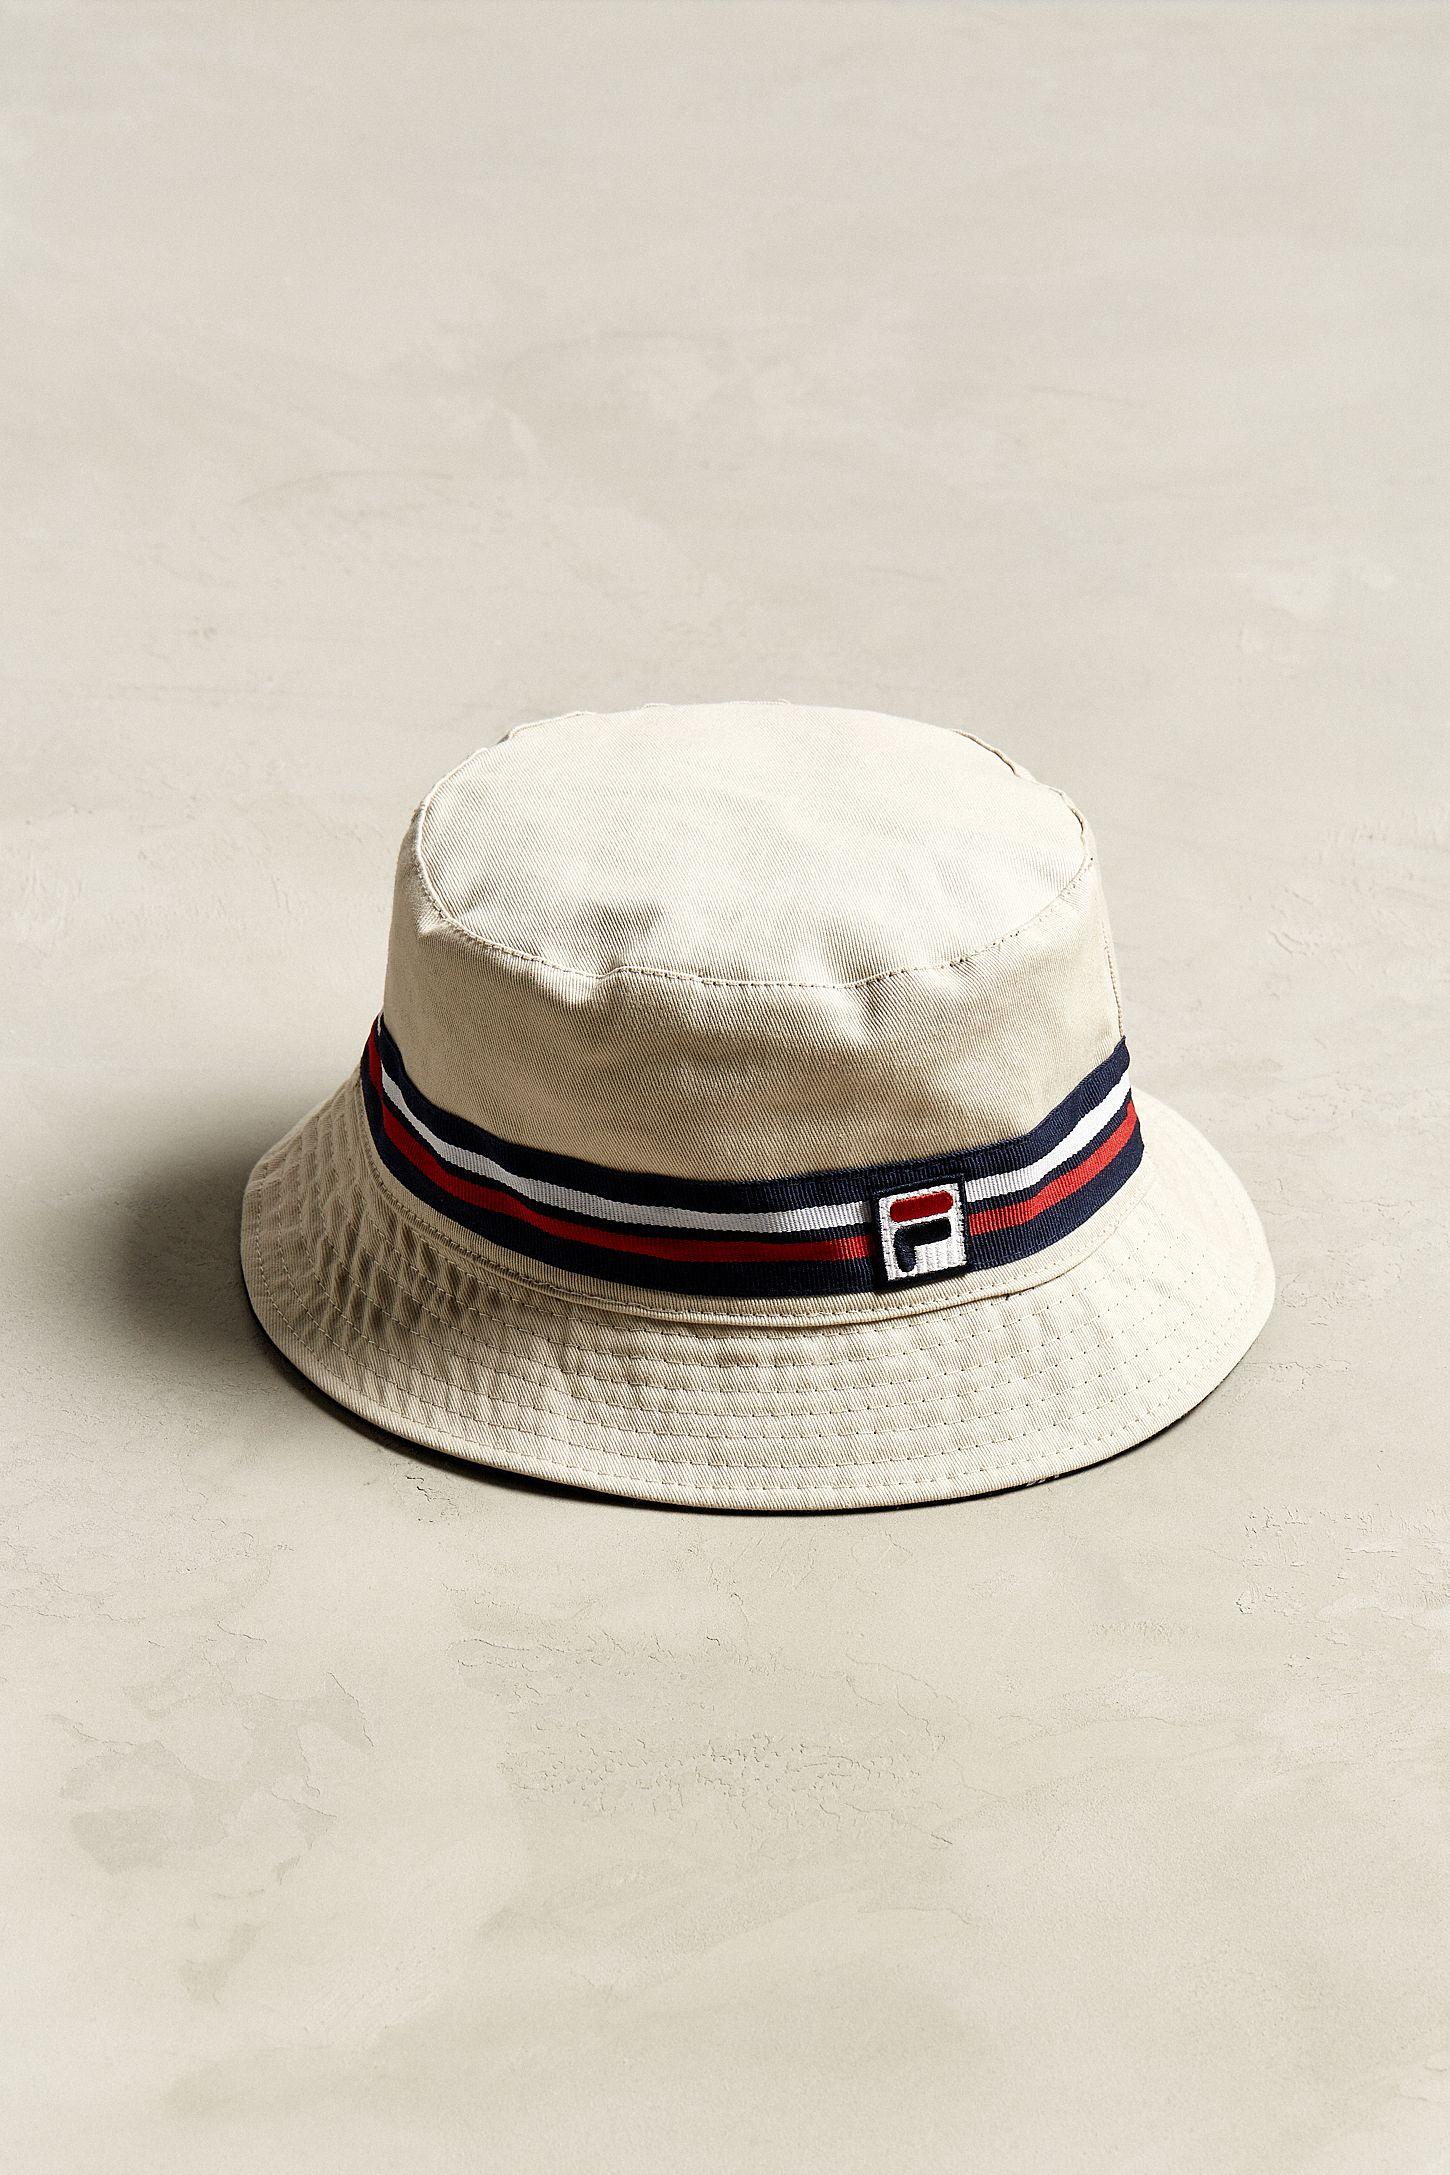 8d12e654645dd FILA Reversible Bucket Hat